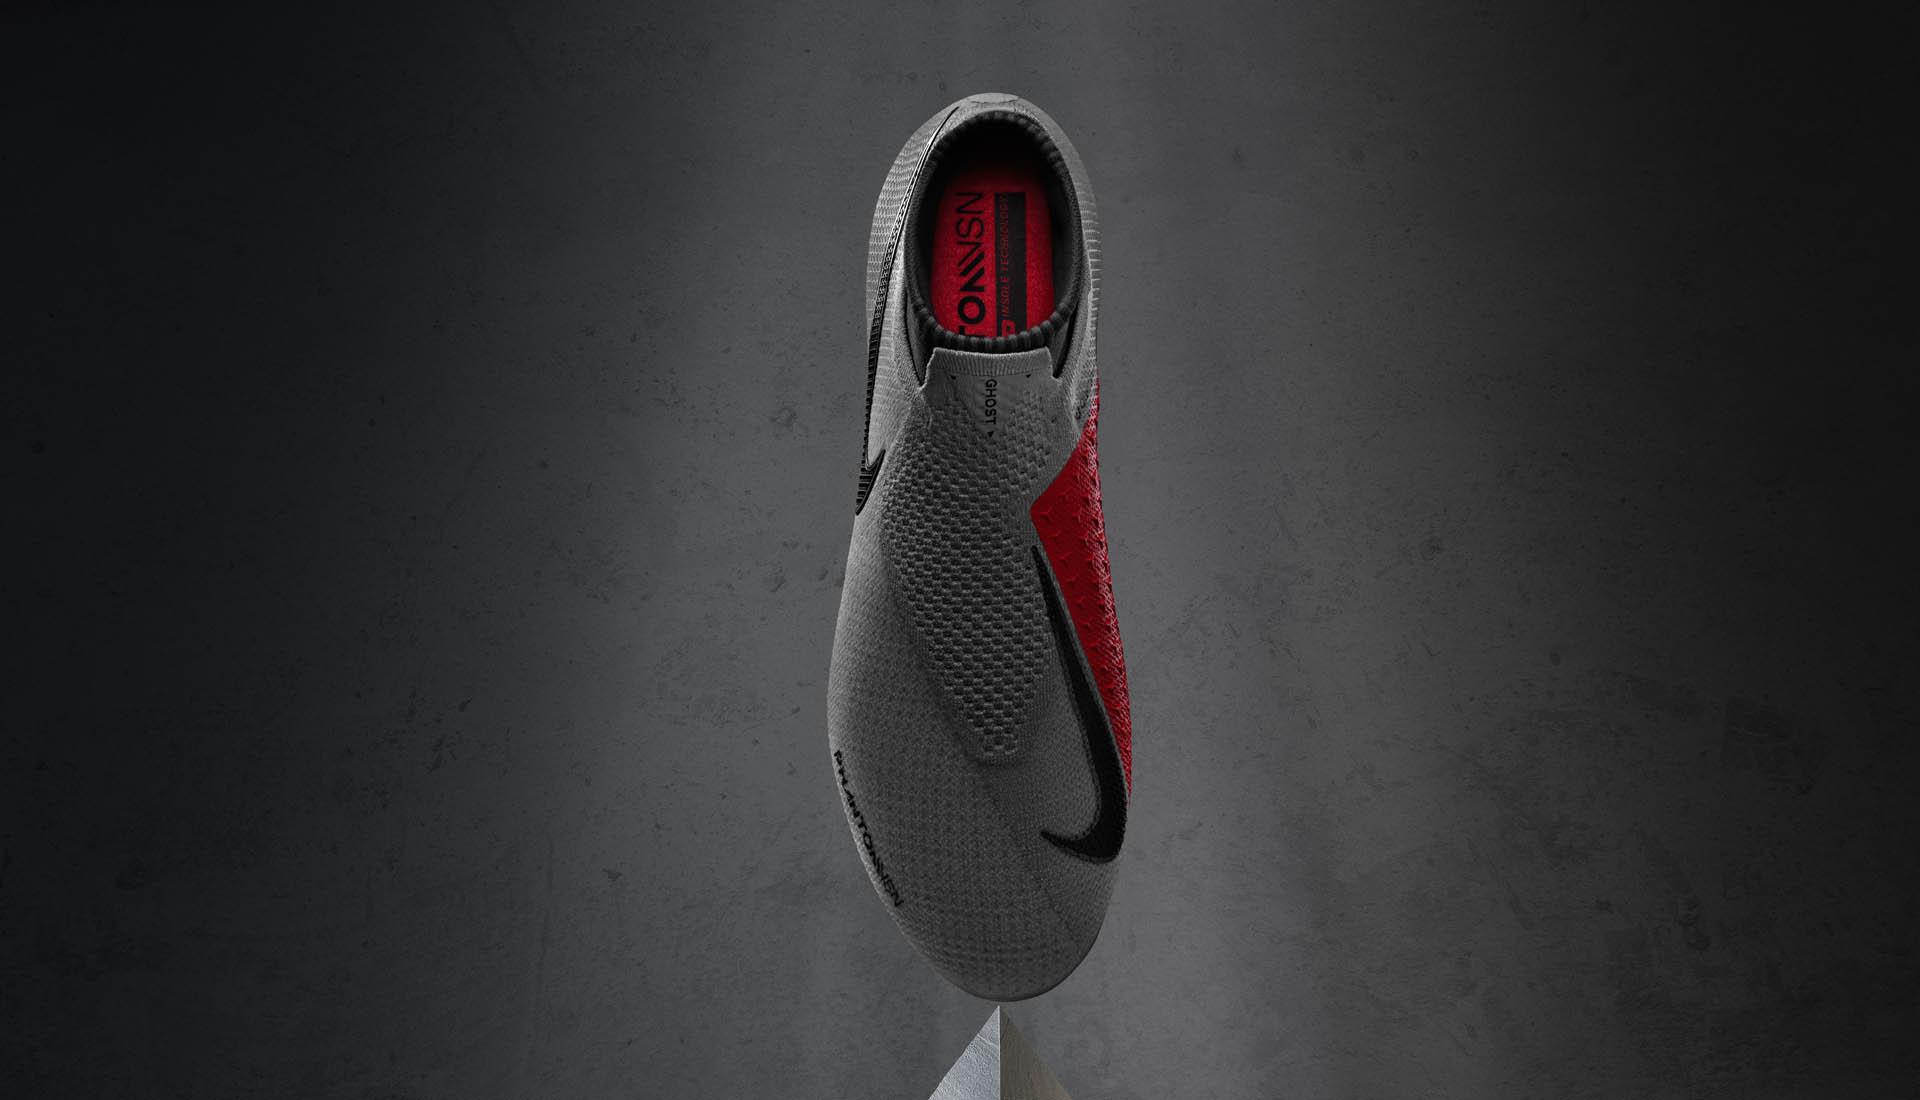 Nike Phantom VSN voetbalschoenen de opvolger v Voetbal